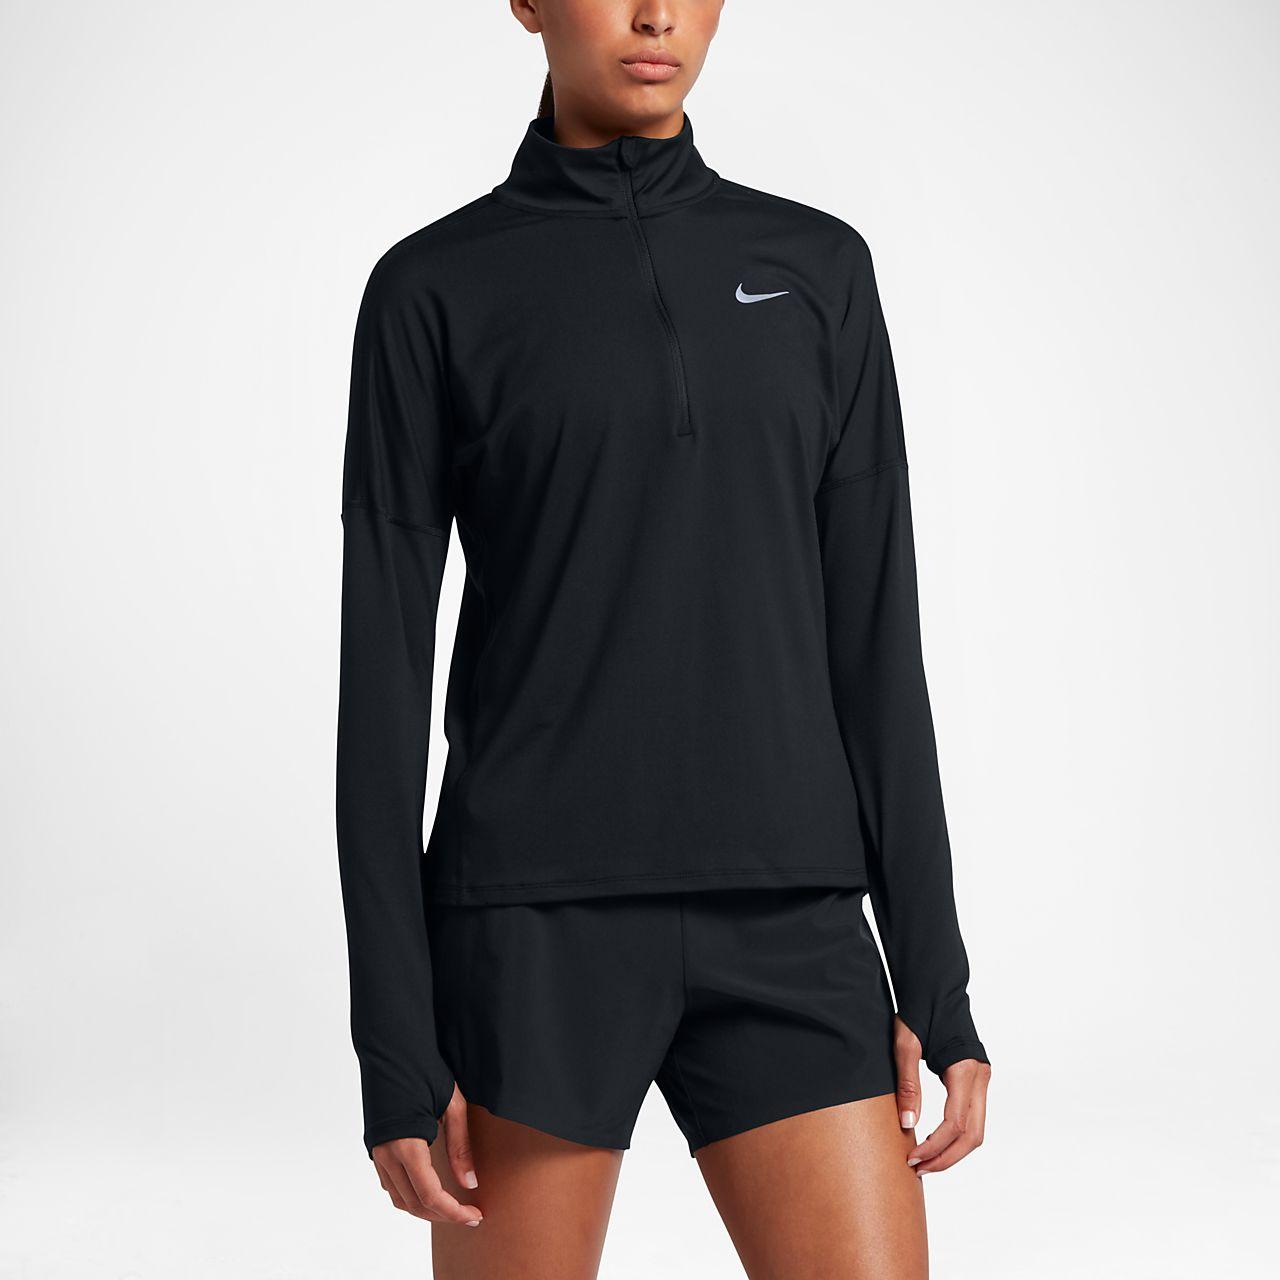 Γυναικεία μακρυμάνικη μπλούζα για τρέξιμο με φερμουάρ στο μισό μήκος Nike  Element 1856128ec8c